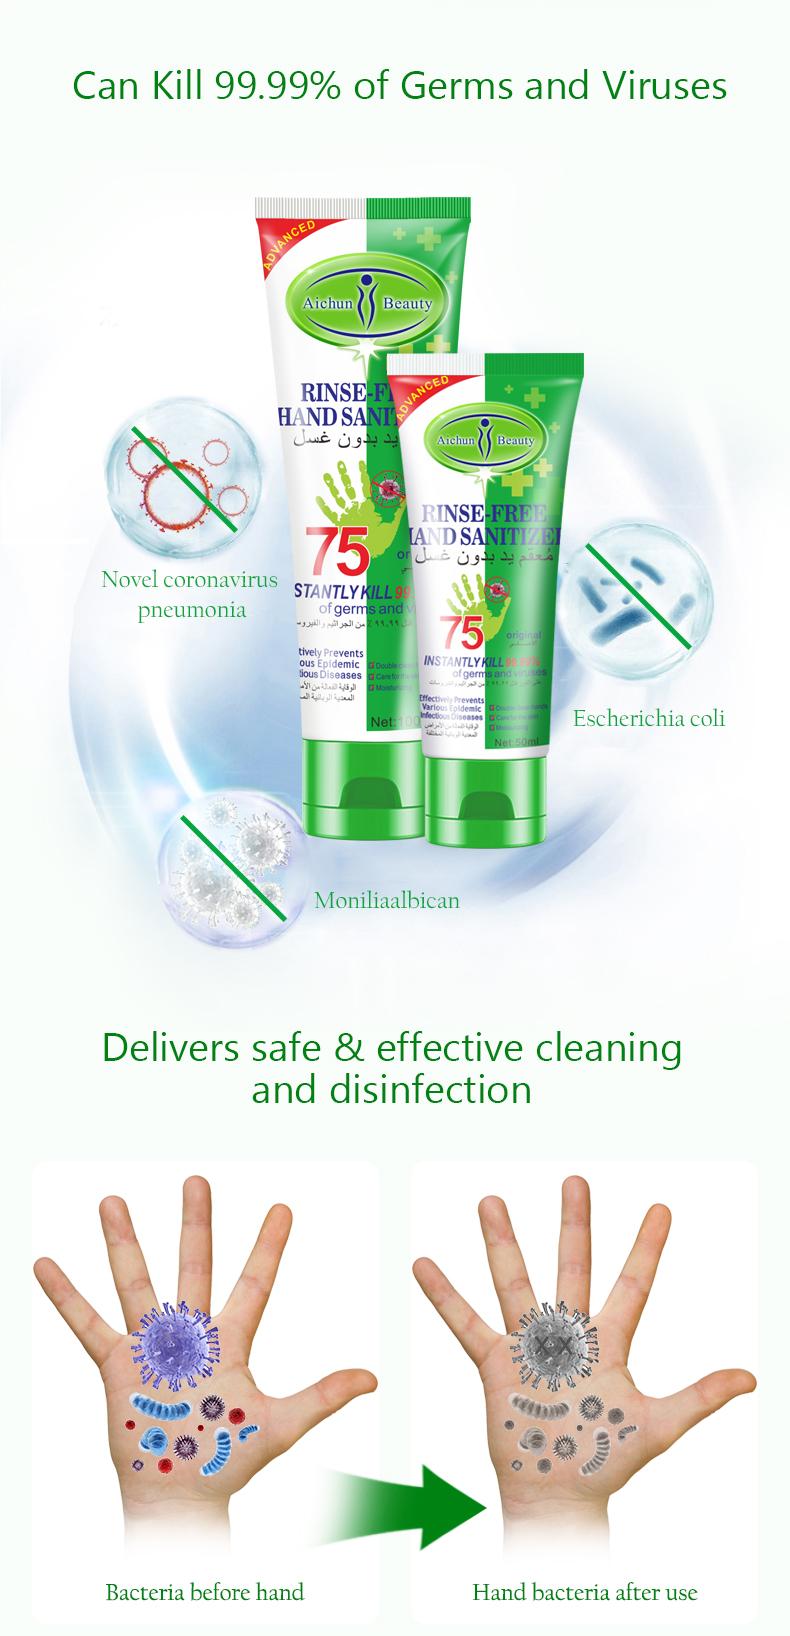 desinfectie handgel biedt bescherming tegen bacterien en virussen_effect